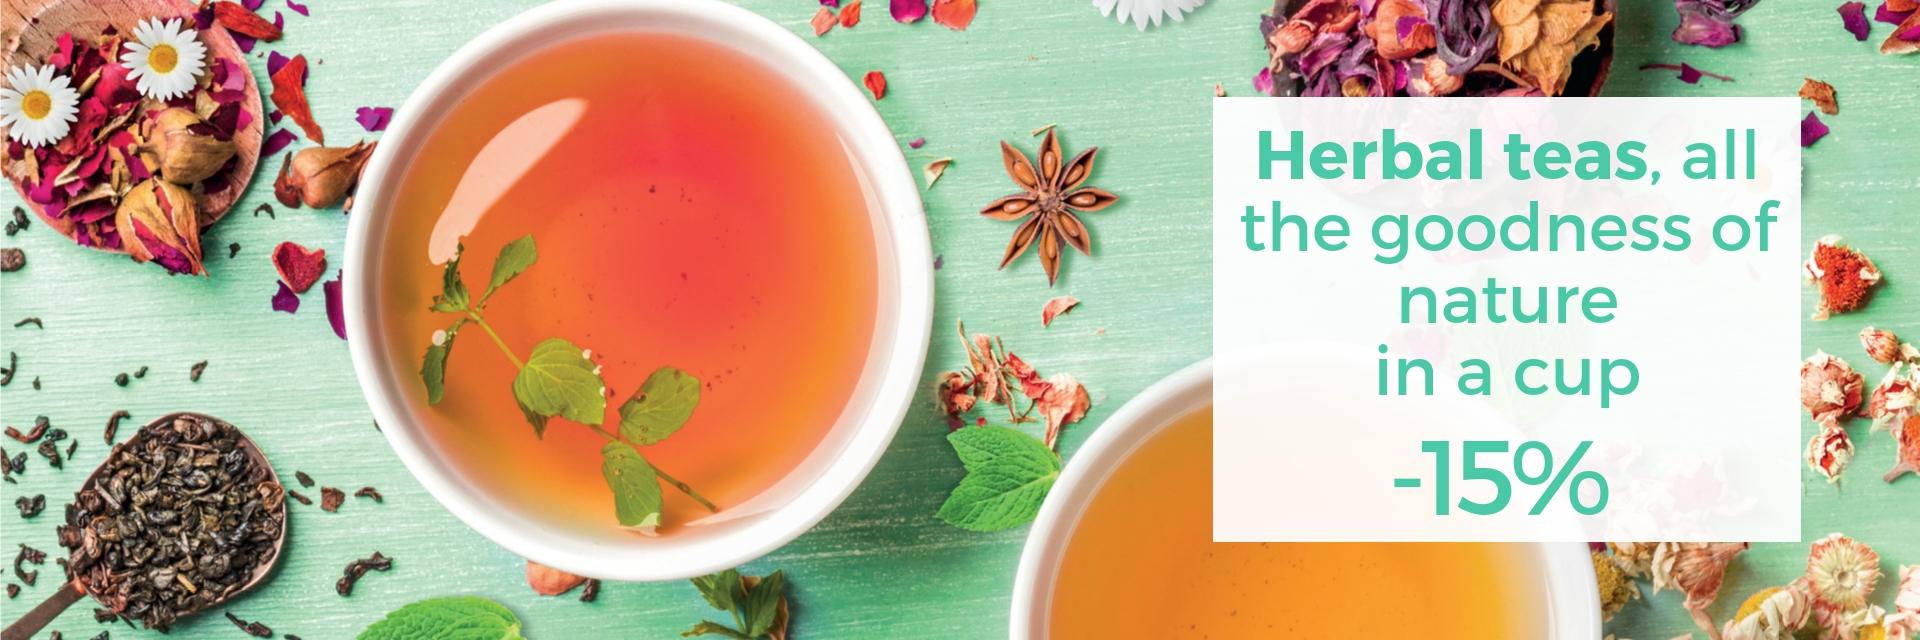 promo herbal teas september